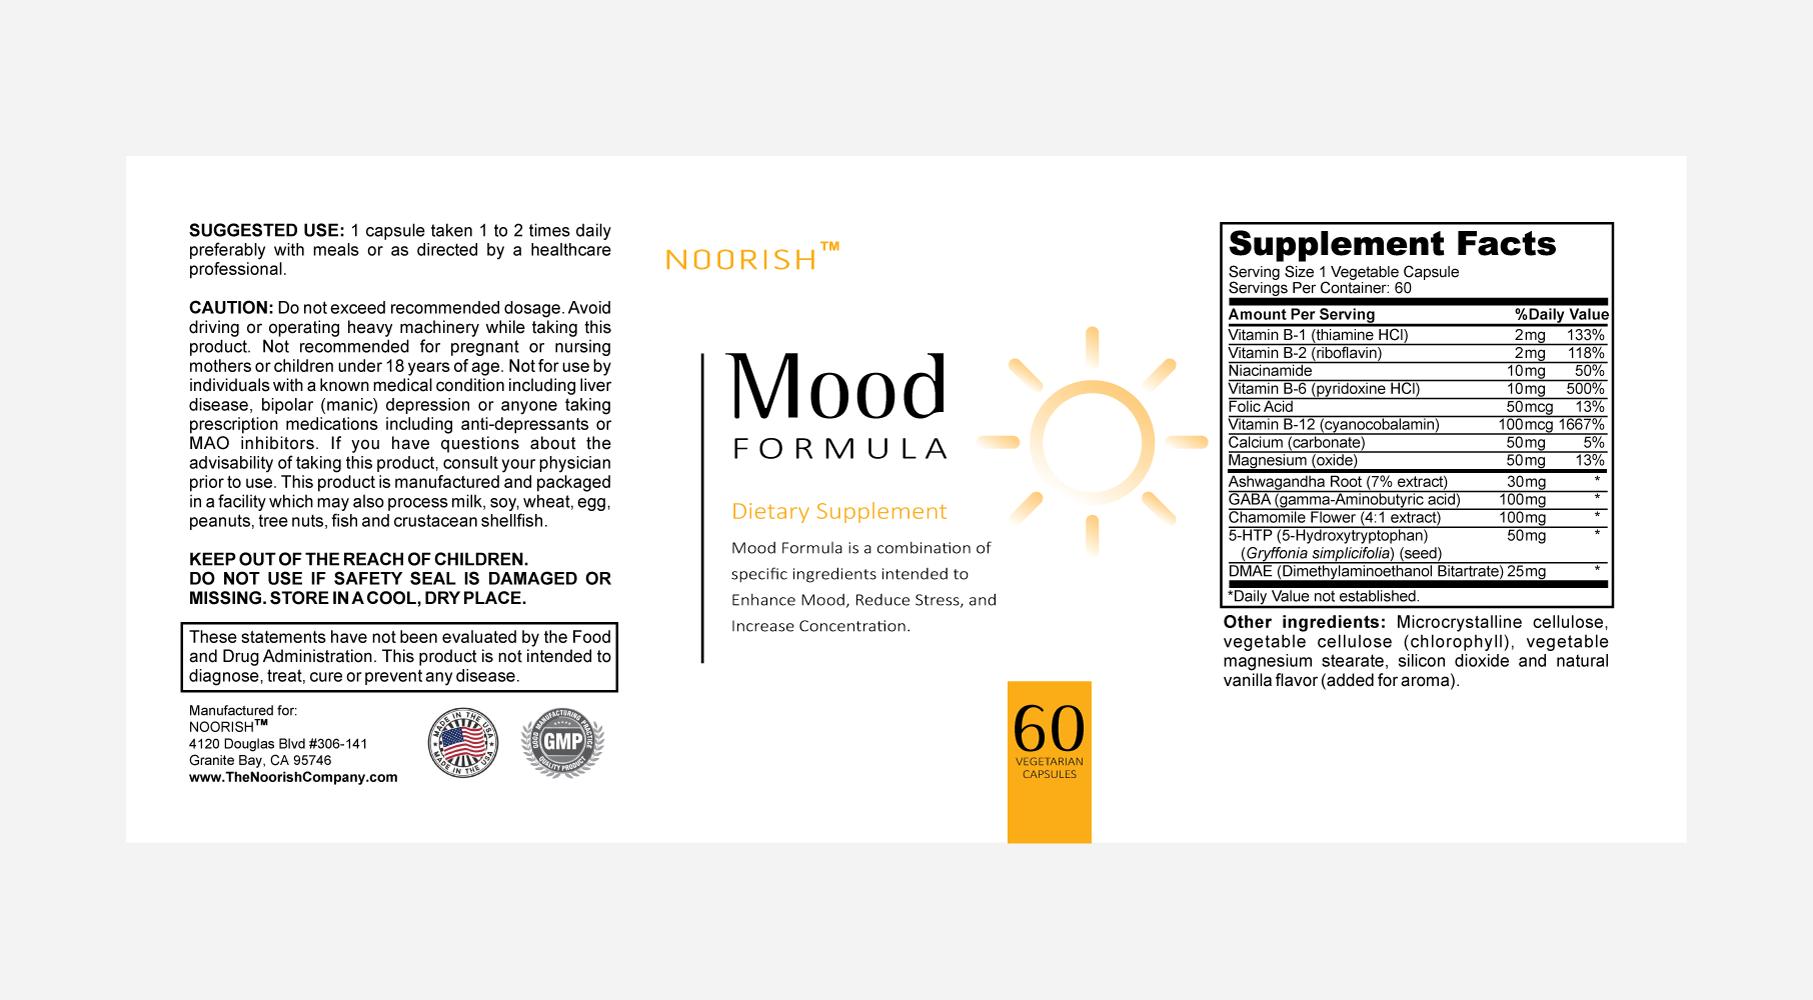 CLEAN SUPPLEMENT DESIGN for bottle label – Noorish: Mood Formula